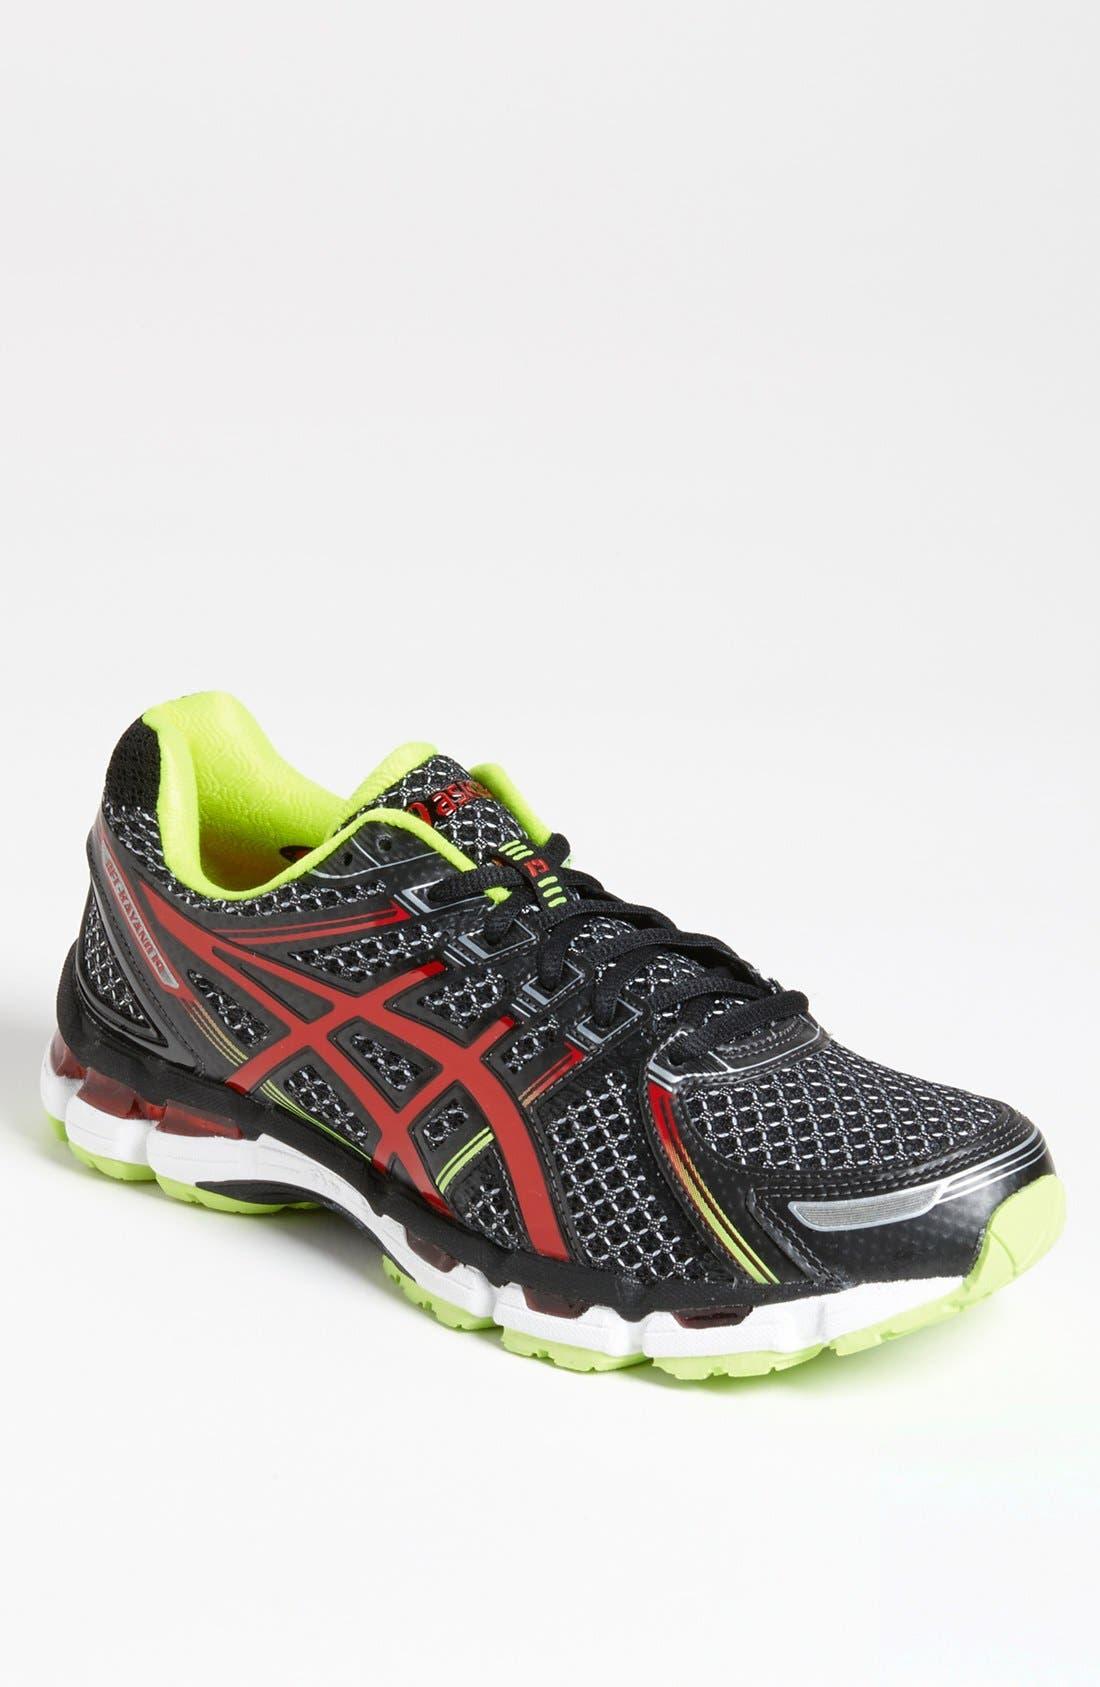 Alternate Image 1 Selected - ASICS® 'GEL-Kayano® 19' Running Shoe (Men) (Online Only) (Regular Retail Price: $144.95)